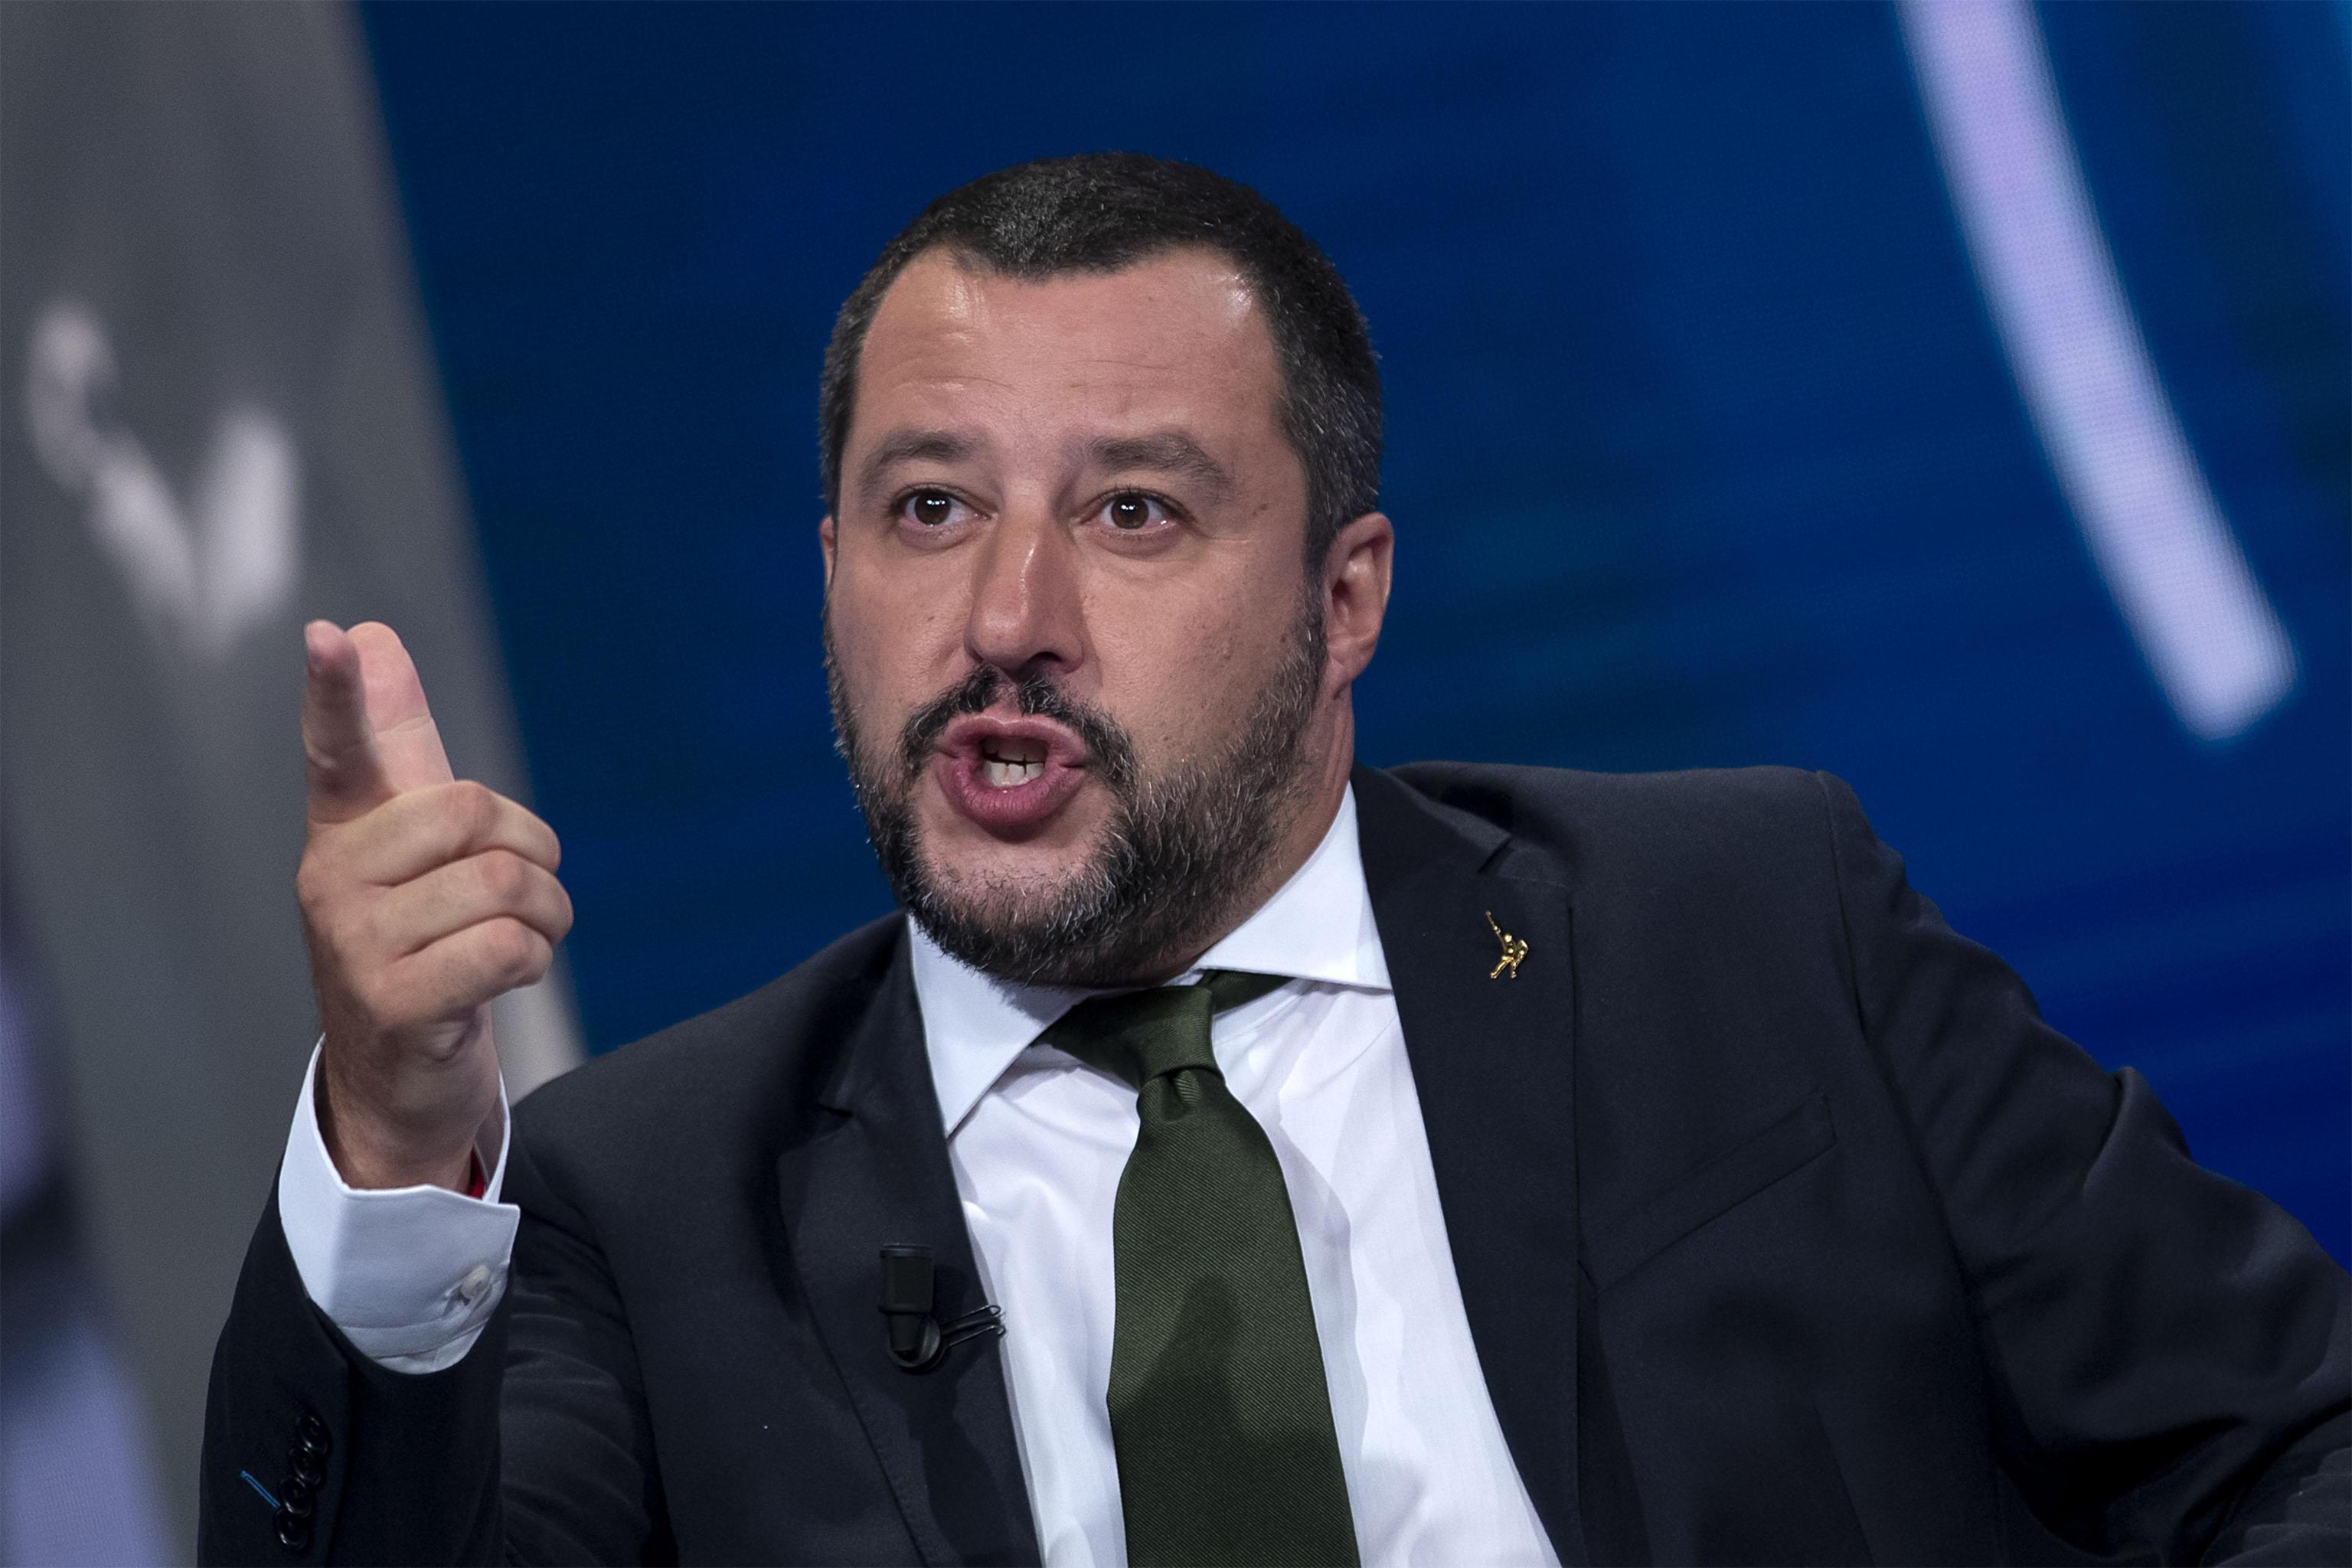 Salvini furioso: 'Masturbarsi in pubblico torni a essere reato'